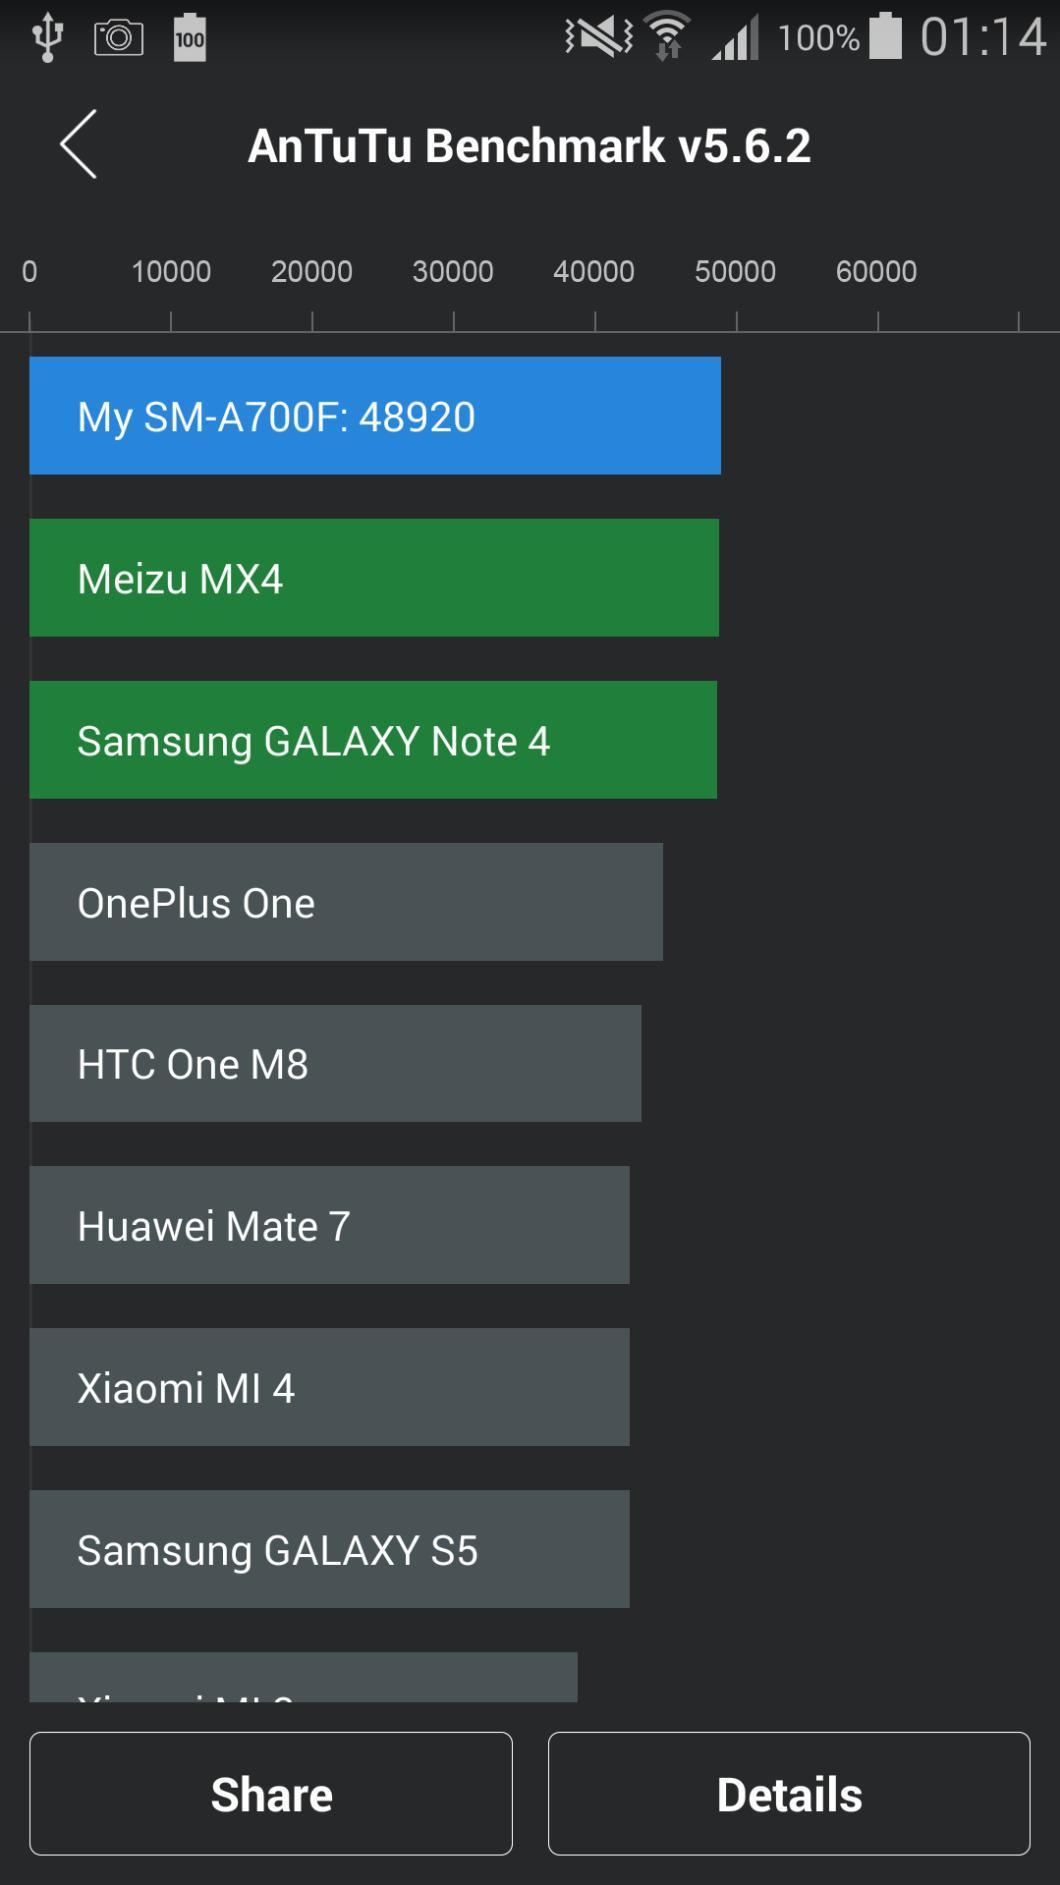 36bce39daed8 Все смартфоны на этом процессоре около 50 тысяч набирают. Вот  непосредственные результаты у покупателя с амазона ...